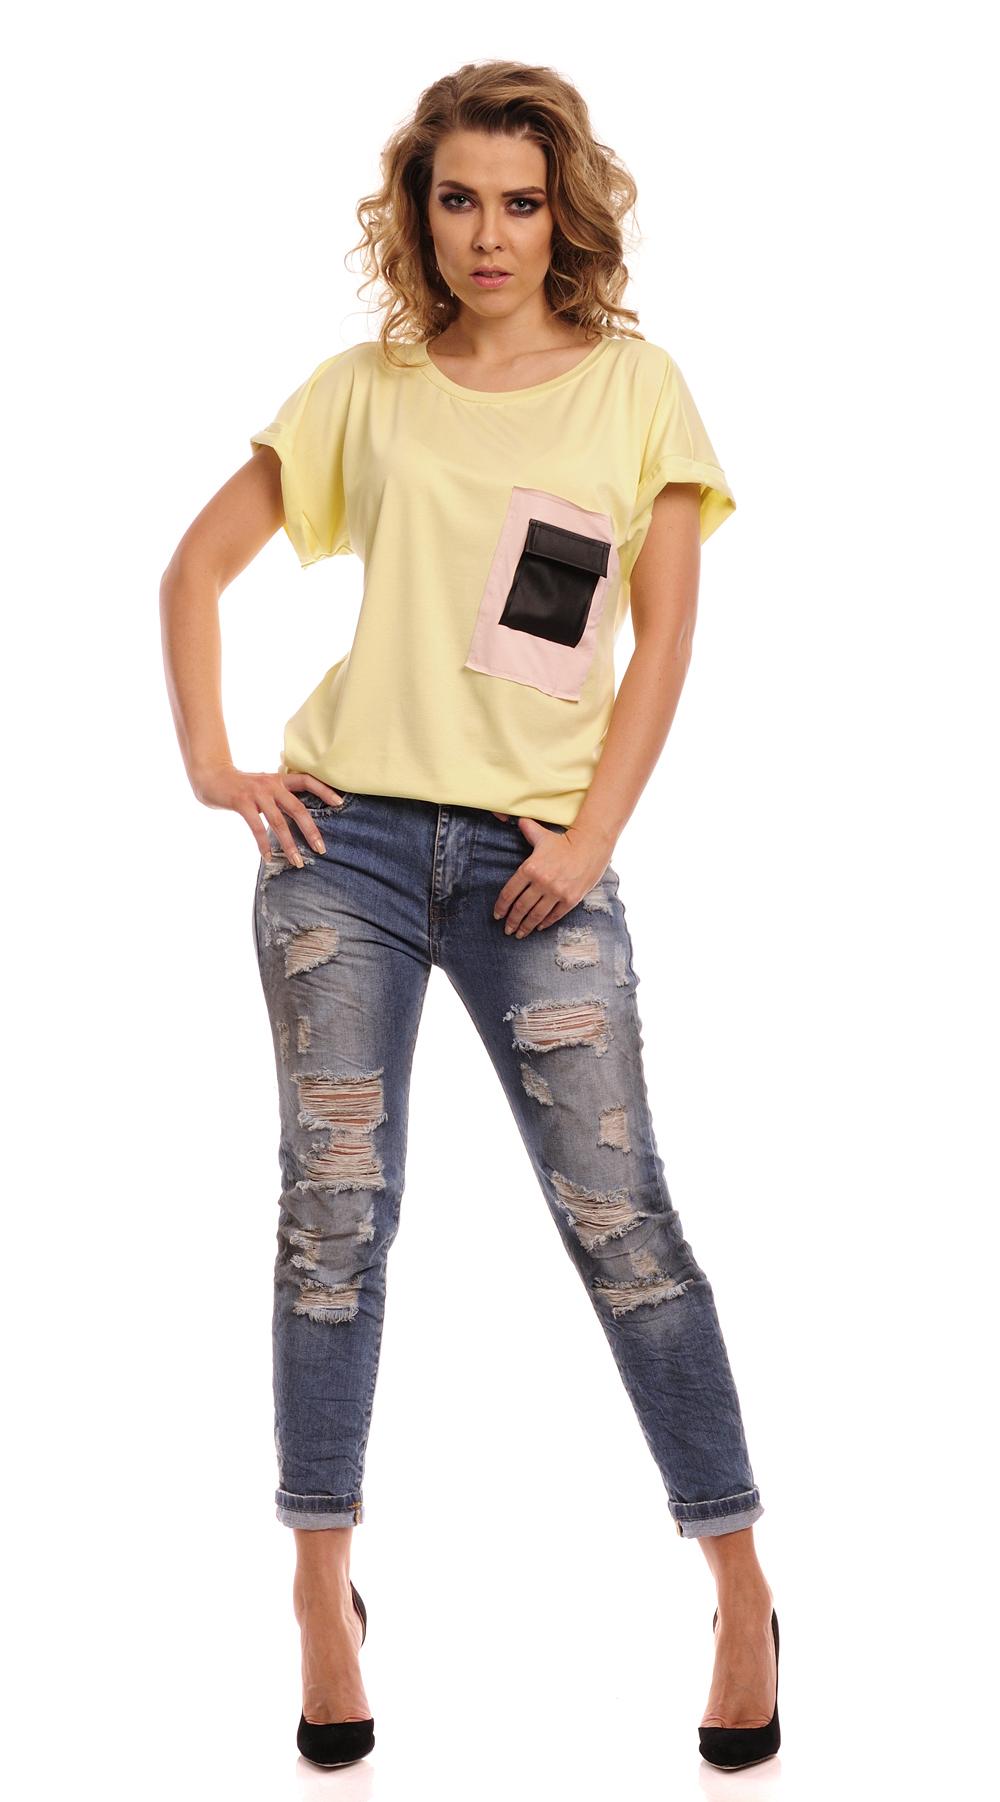 Triko s  kapsou z eko-kůže, žlutá, jednotná